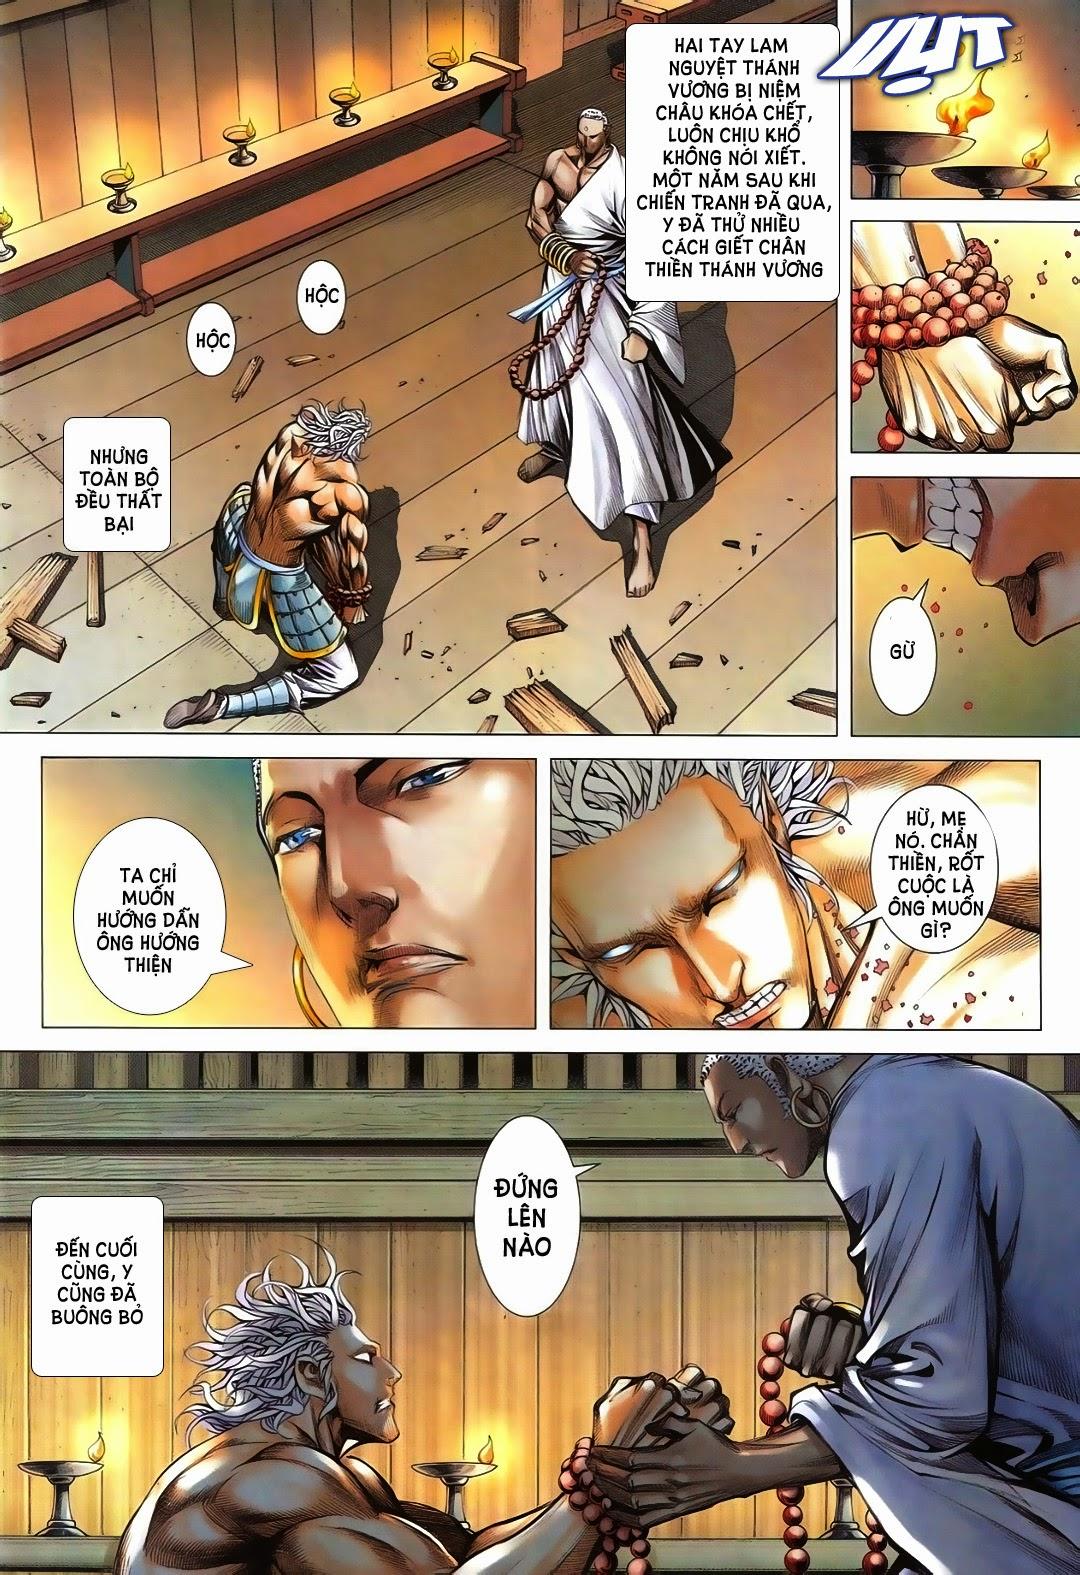 Phong Thần Ký chap 181 - Trang 18